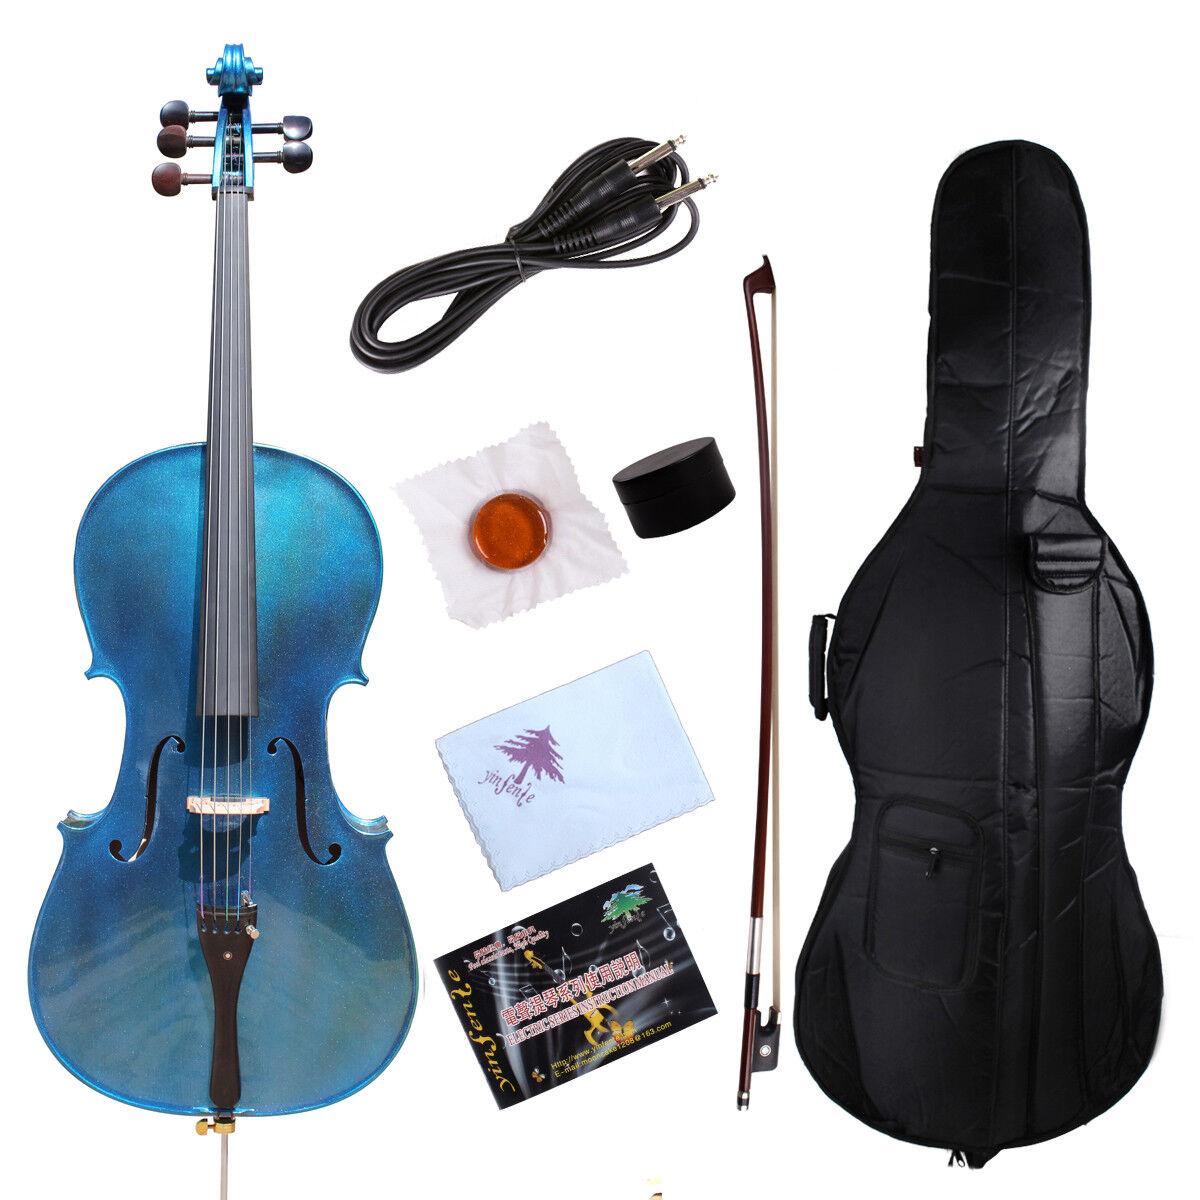 Yinfente 5 Cuerdas Violonchelo acústica eléctrica 4 4 Abeto Abeto Abeto + Bolsa arco libre de Arce hecho a mano c707d8